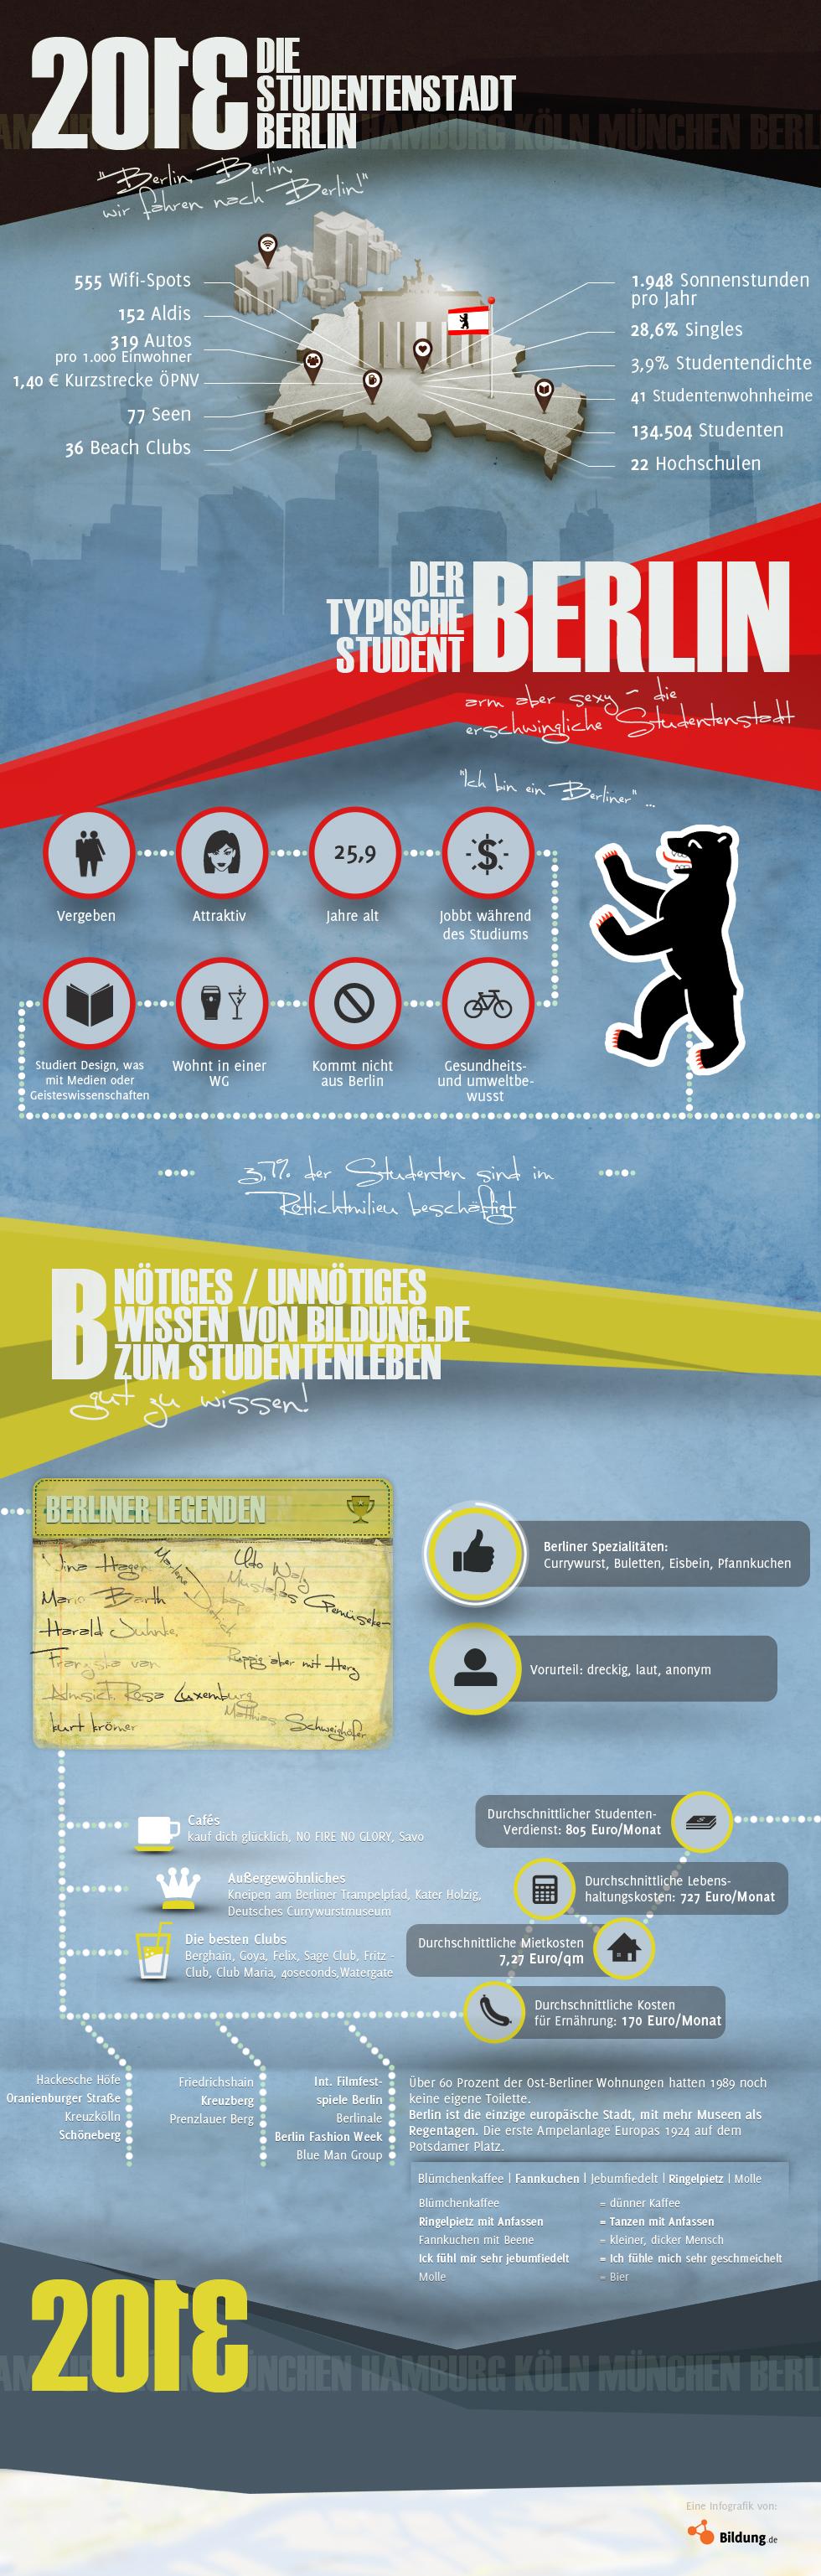 Infografik Studentenstadt_Berlin_Bildung.de